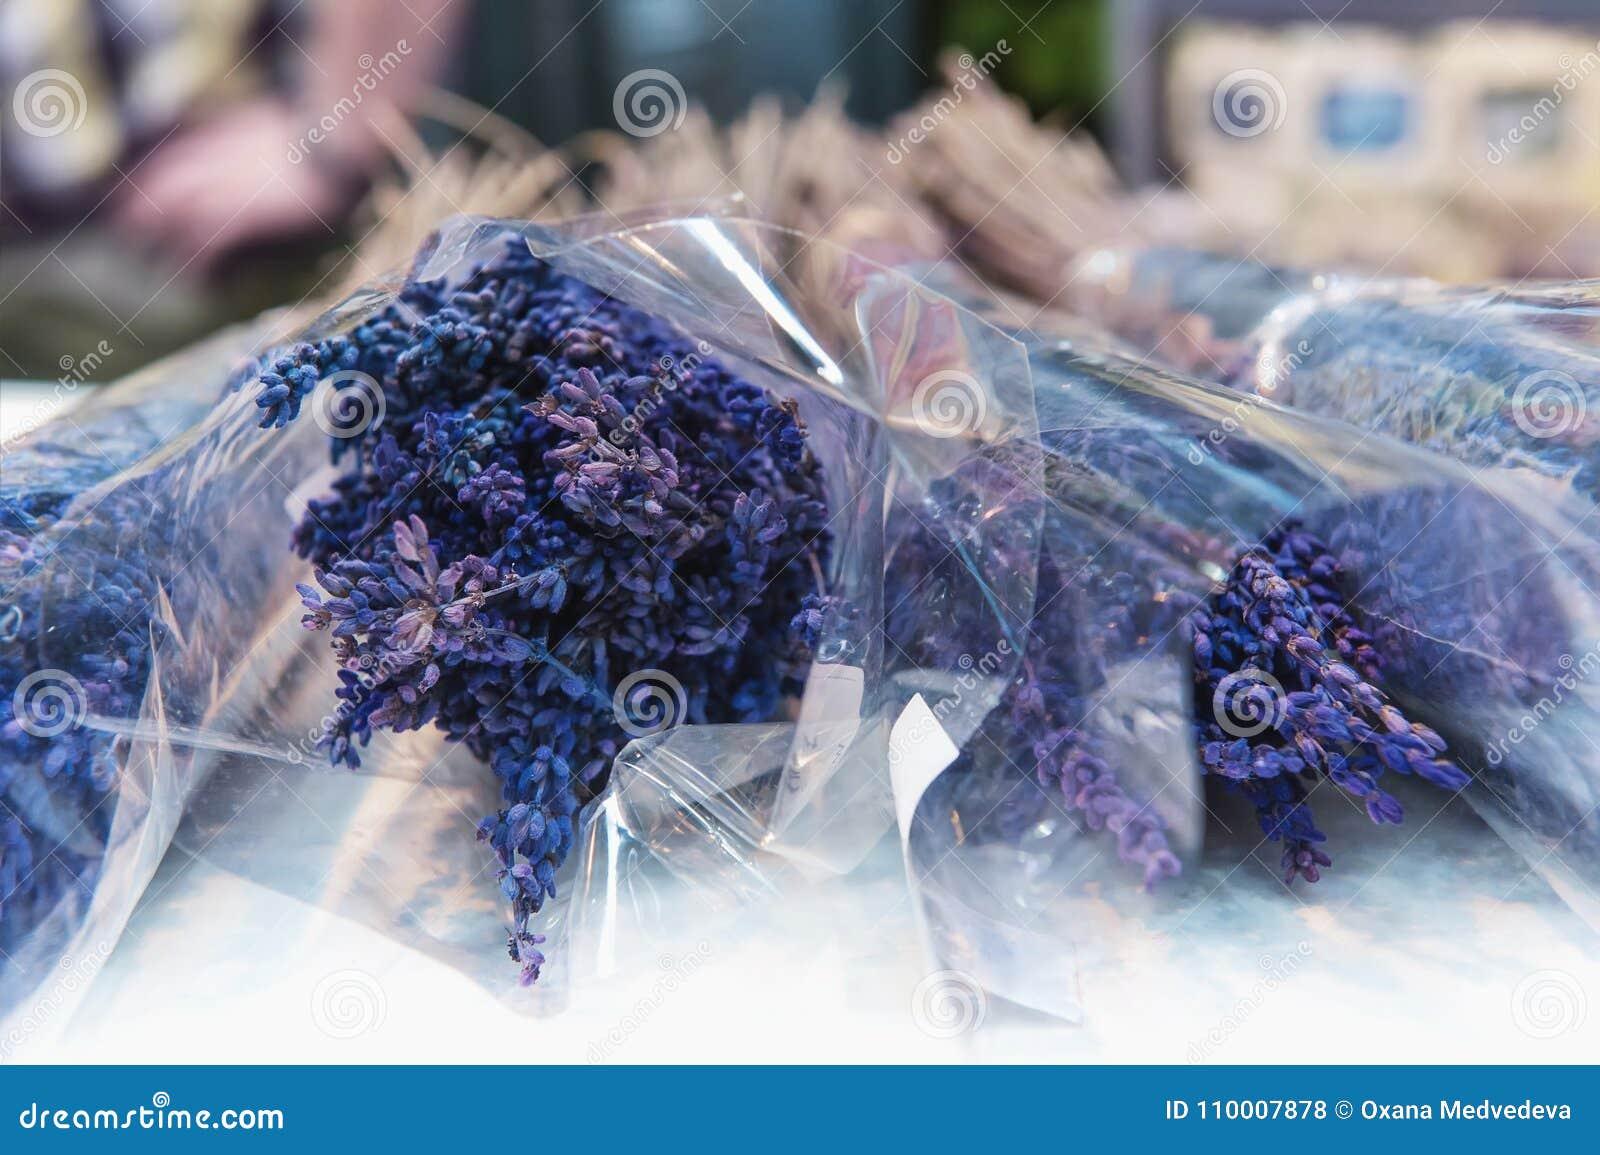 50a0a41ac66c Comercio al por mayor y al por menor en flores en la acción El concepto del  negocio y de las compras de la flor Un marco horizontal